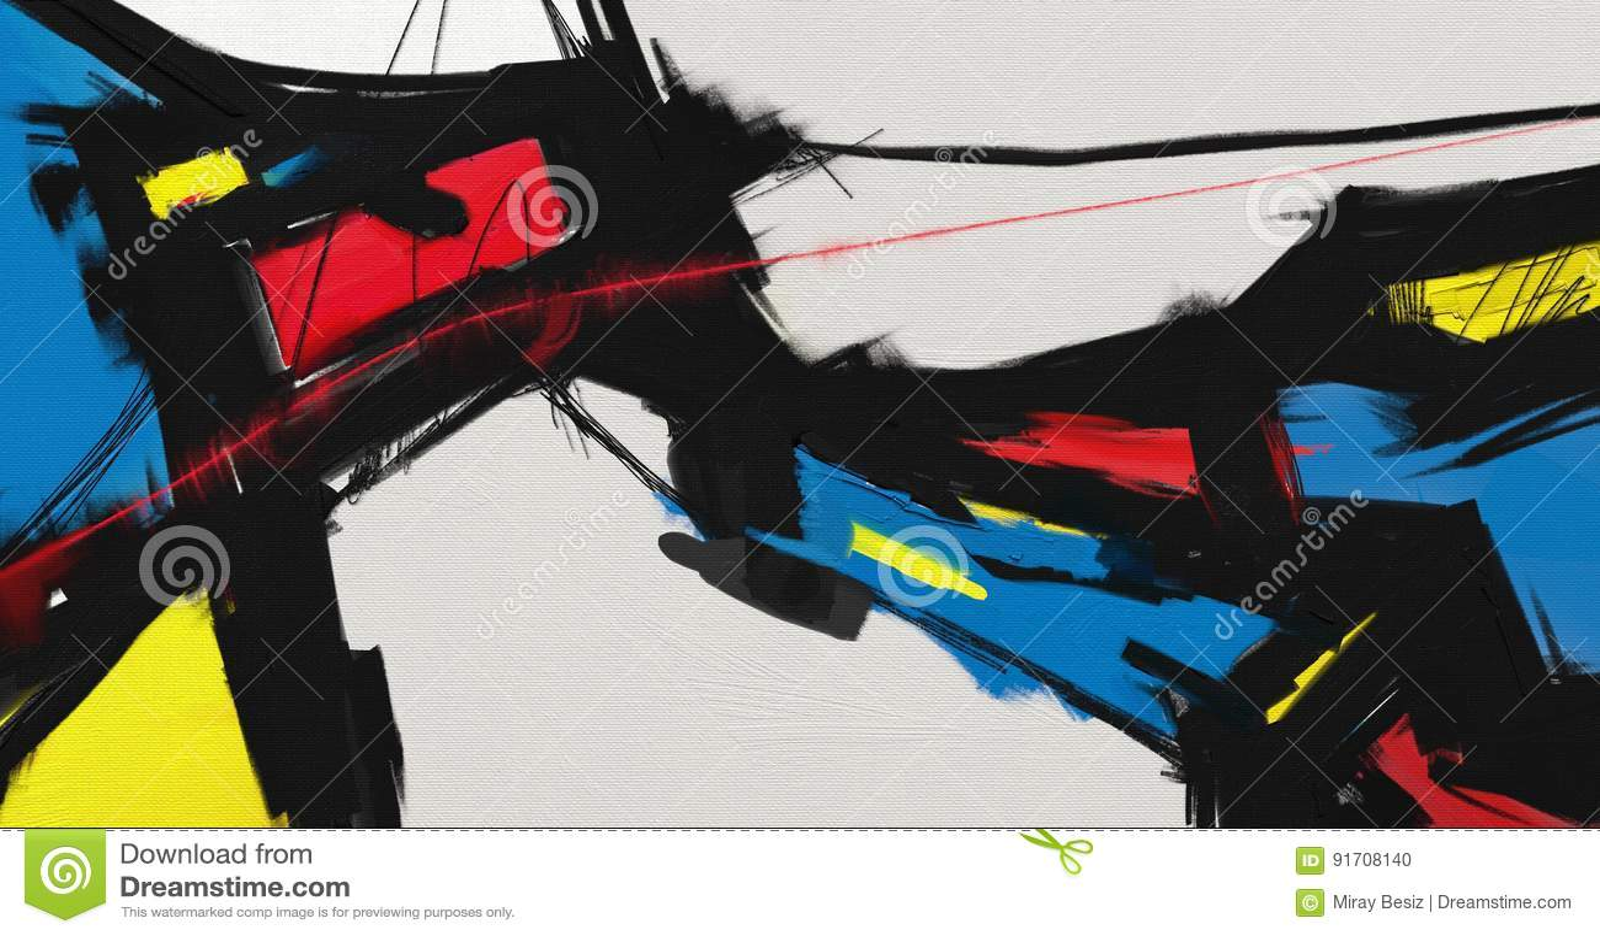 Kunstwerk van de olieverfschilderij het abstracte stijl op canvas